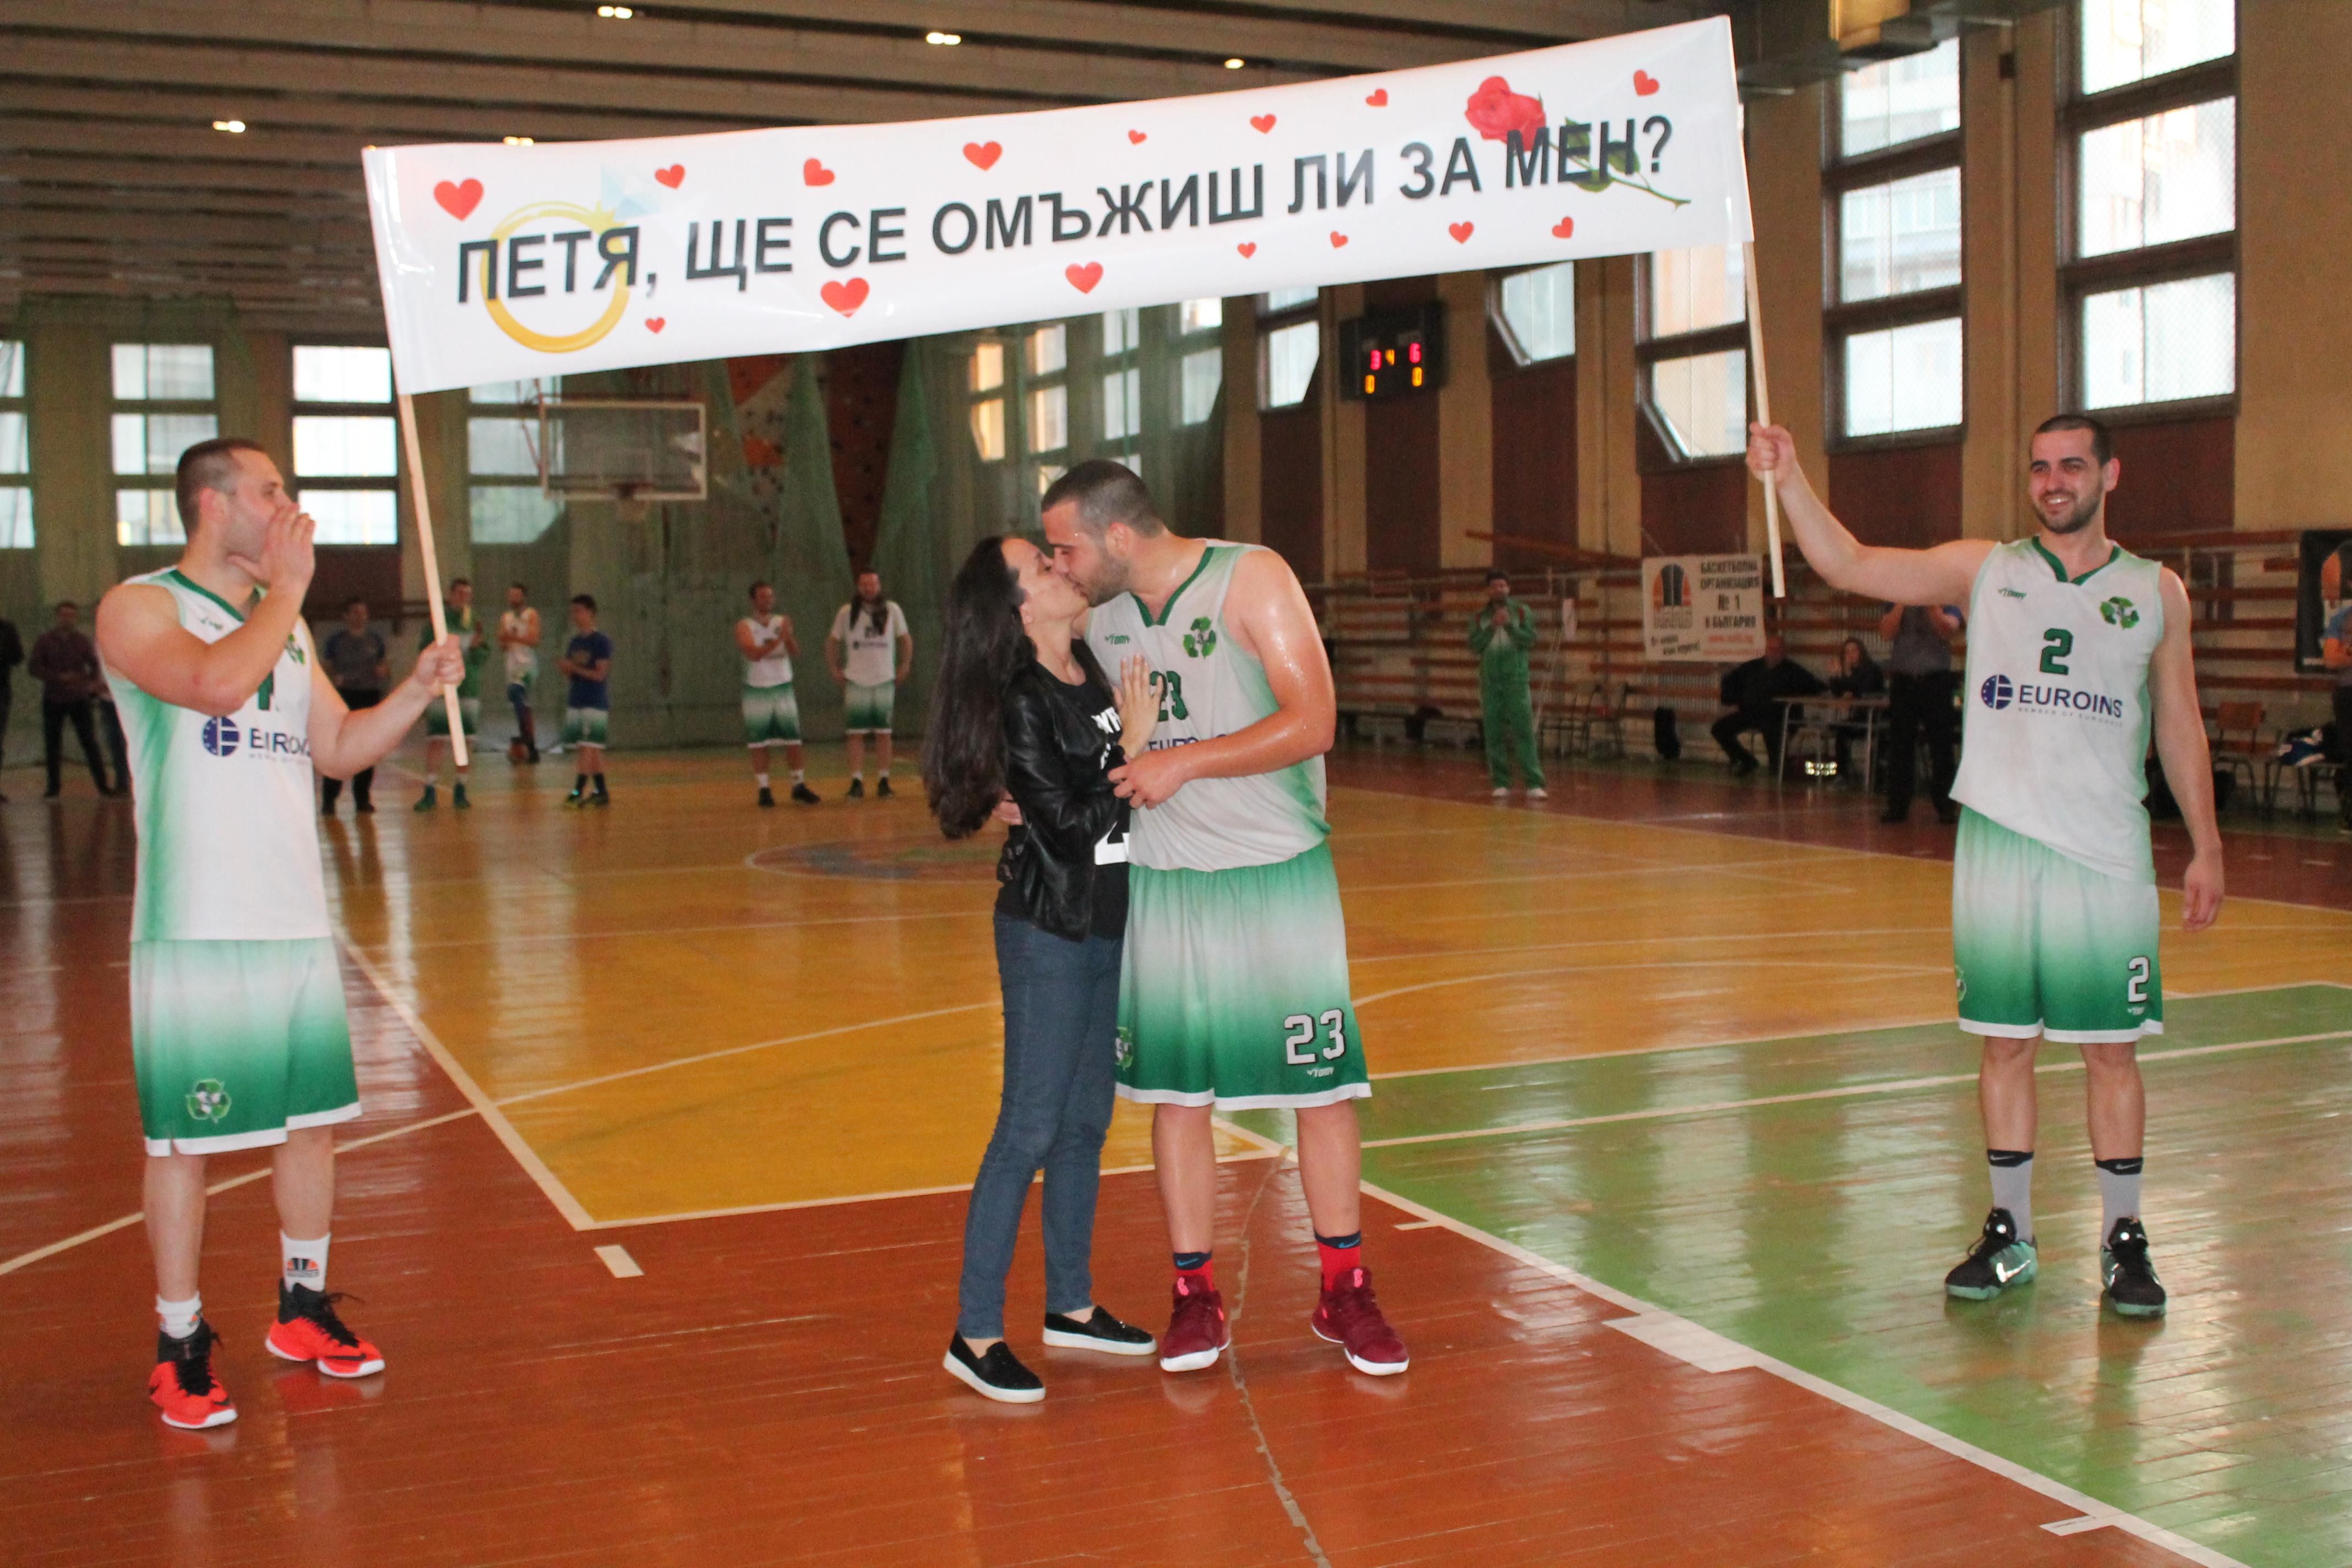 Цветан Георгиев и Петя Делчева